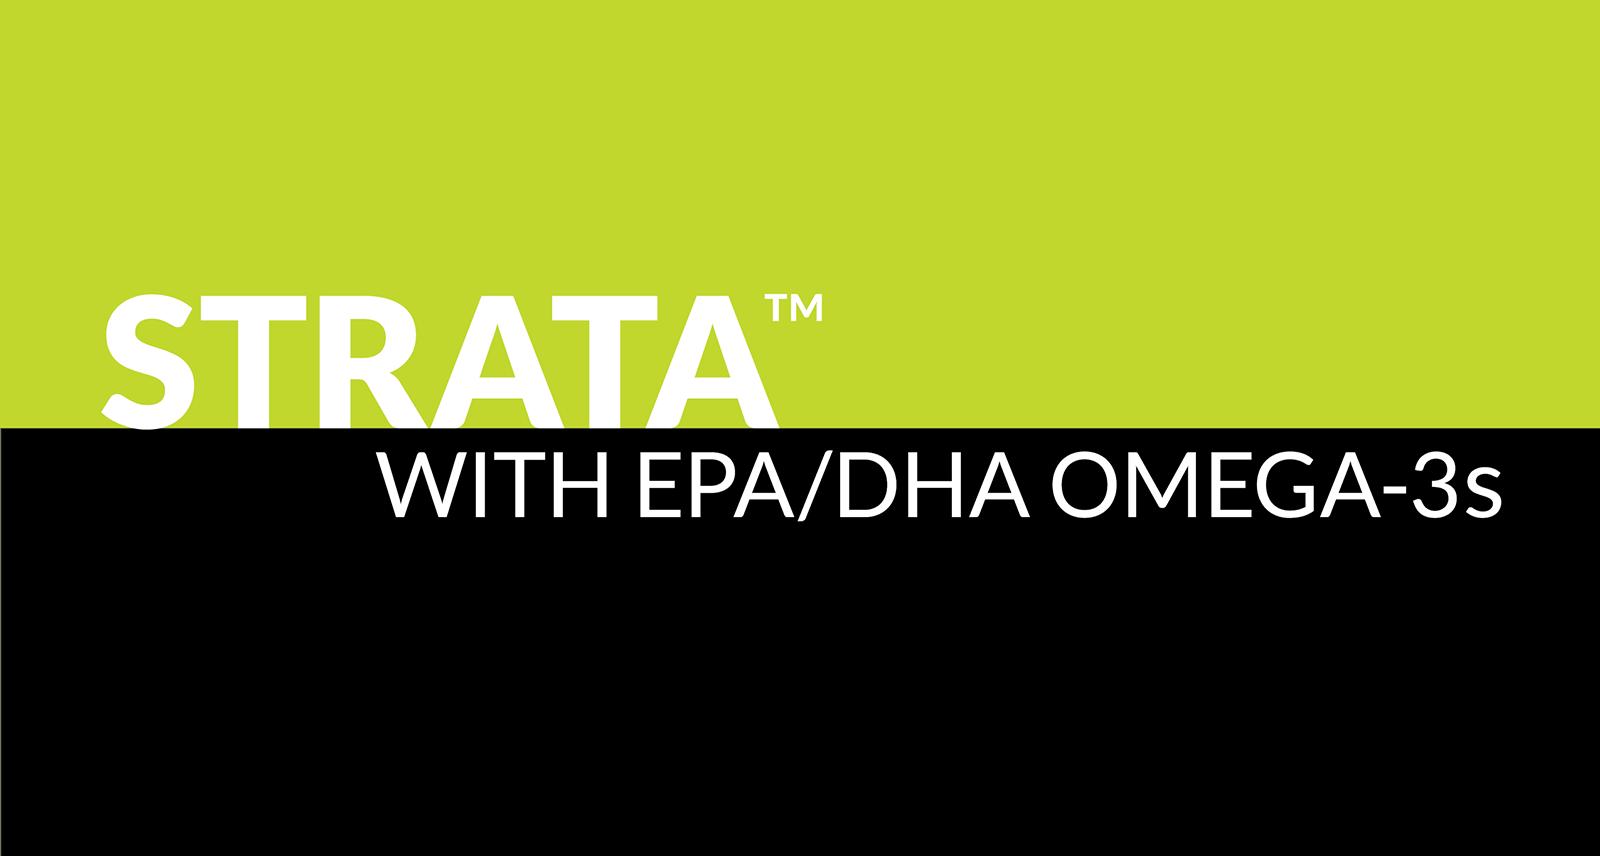 Strata with EPA/DHA omega-3s